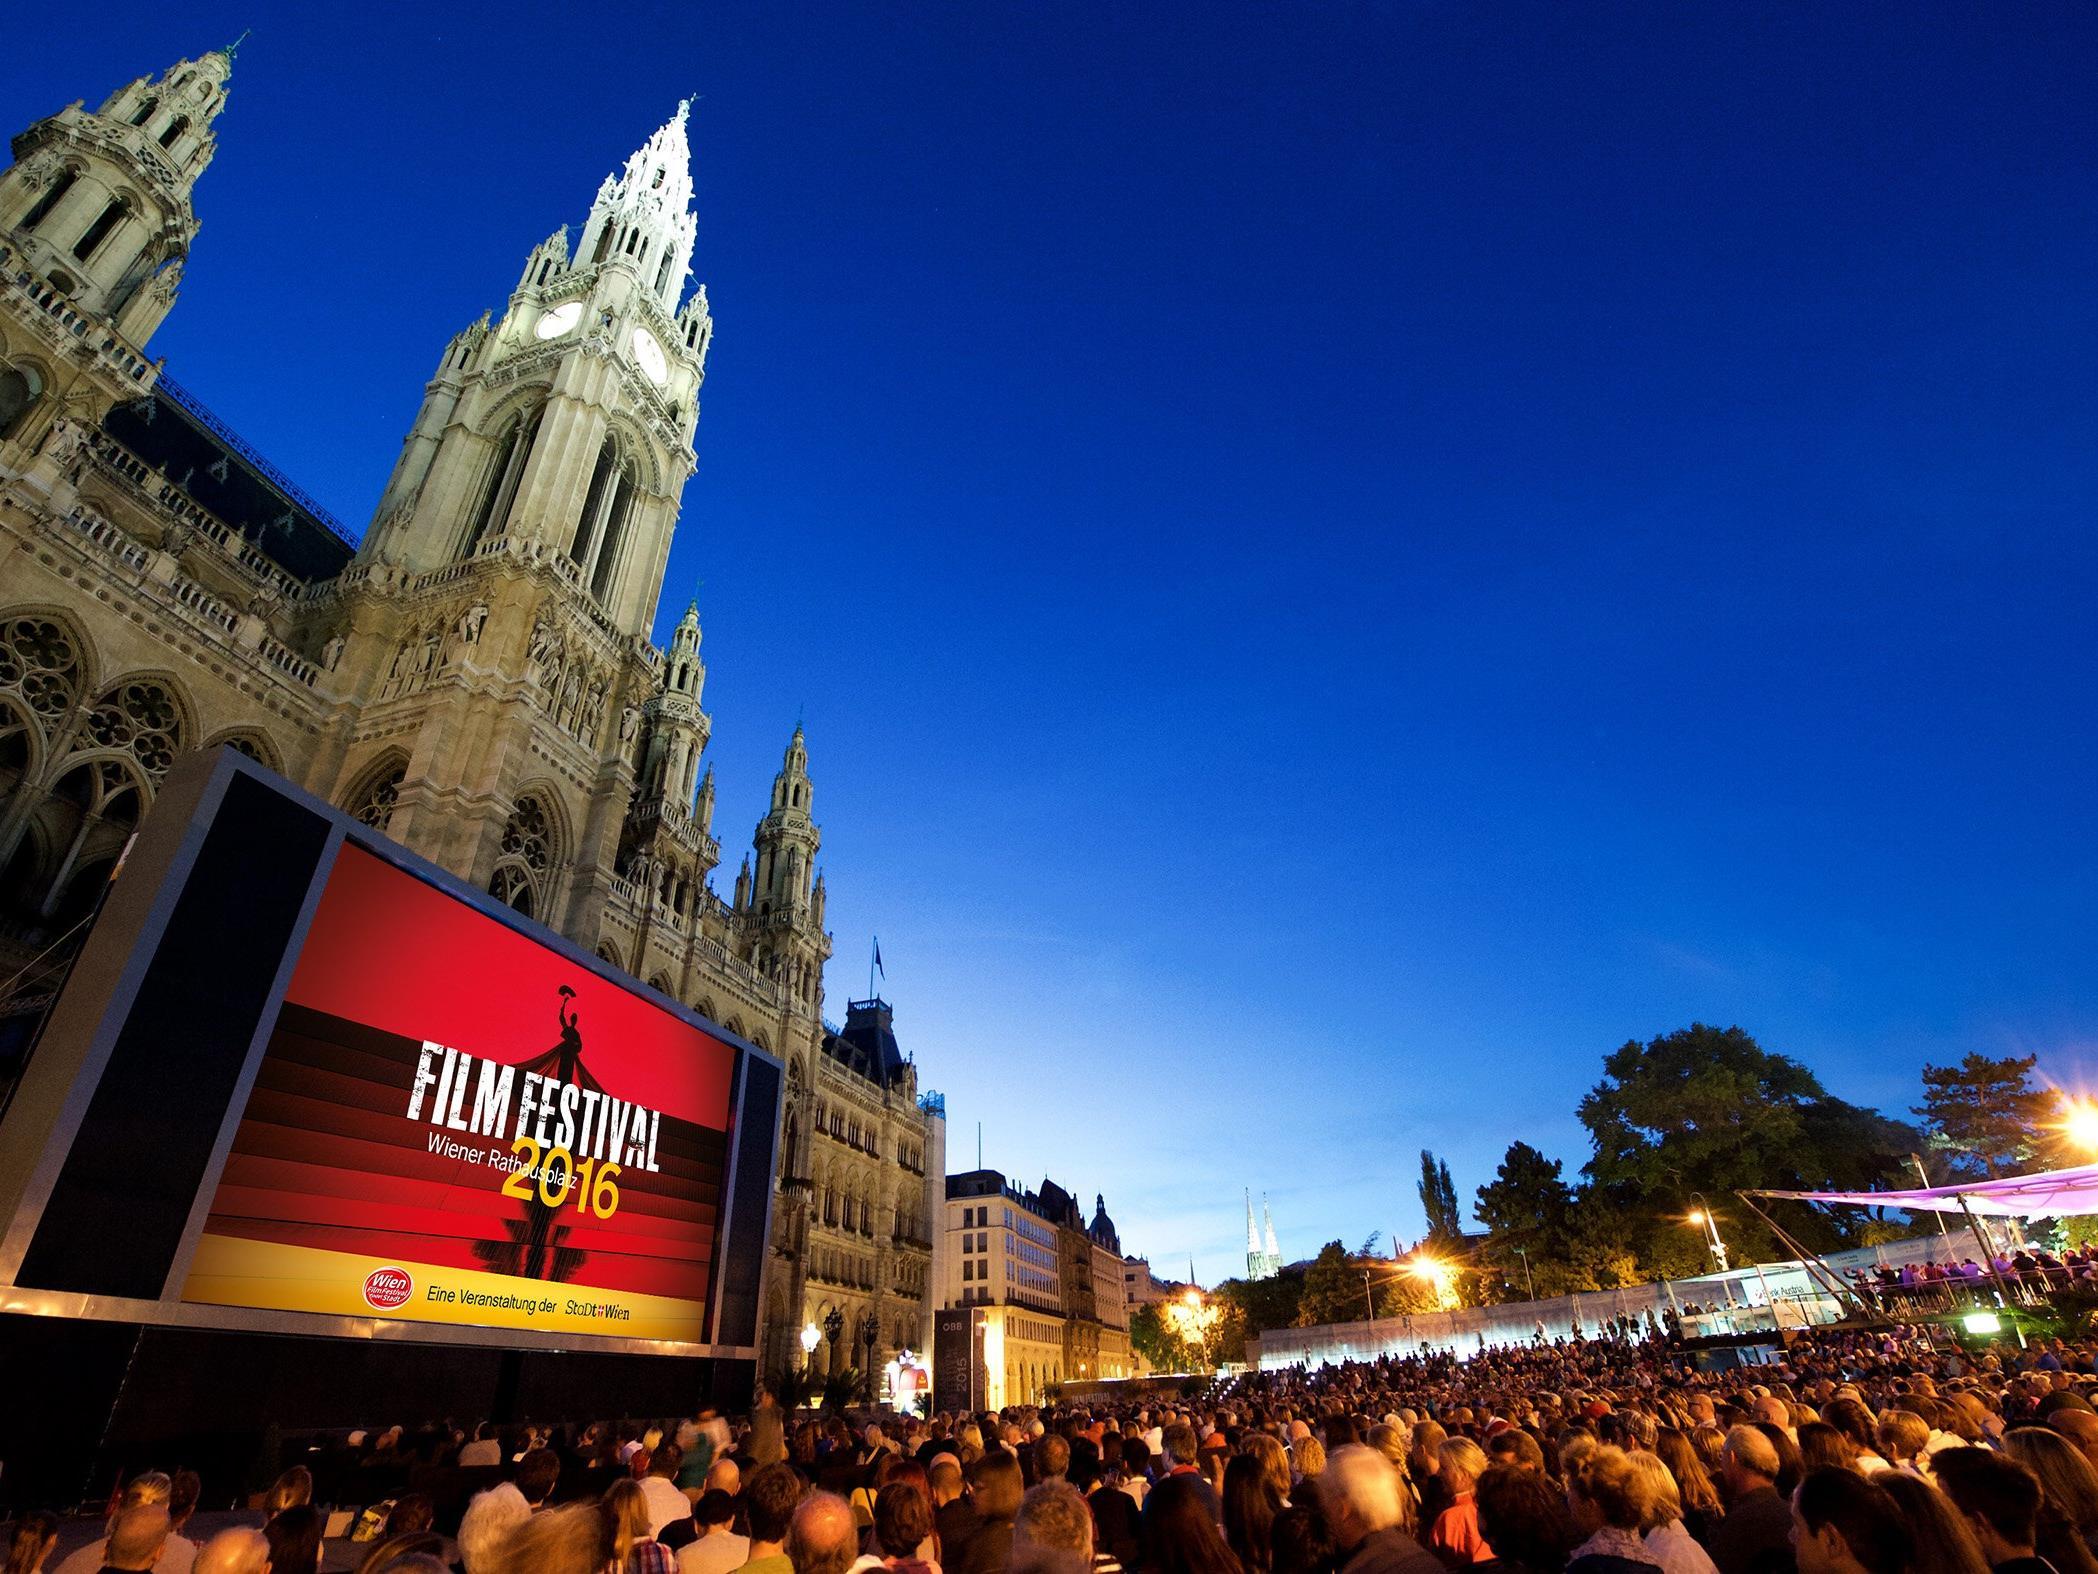 Das Wiener Film Festival findet auf dem Rathausplatz statt.